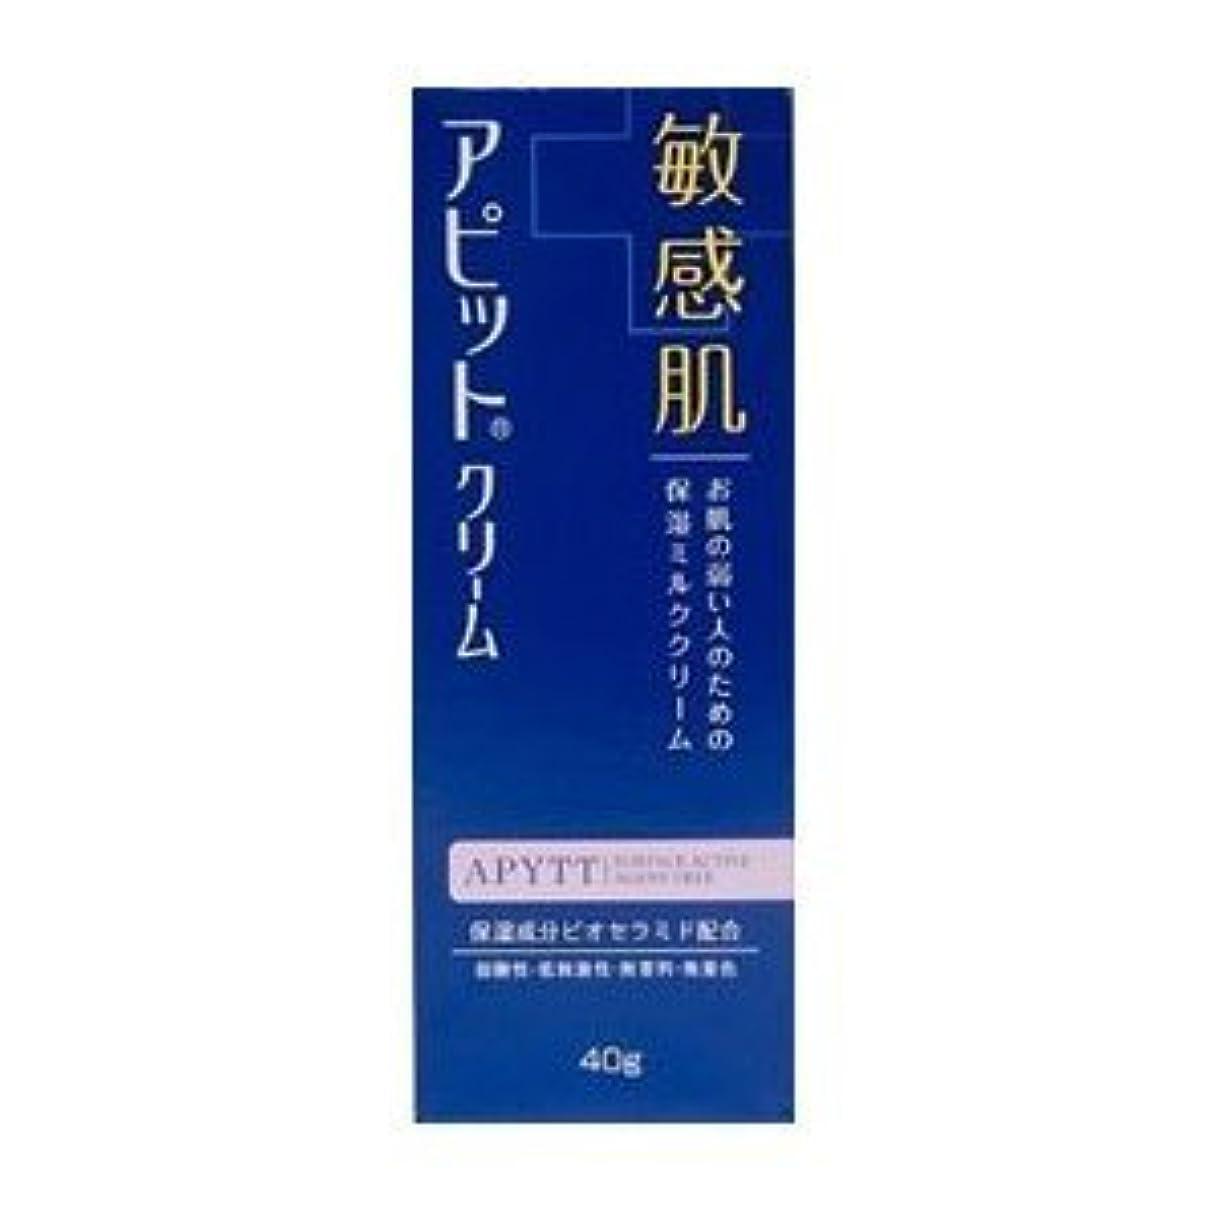 分割キャストシンボル全薬工業 アピットクリーム 40g×3個セット (医薬部外品)